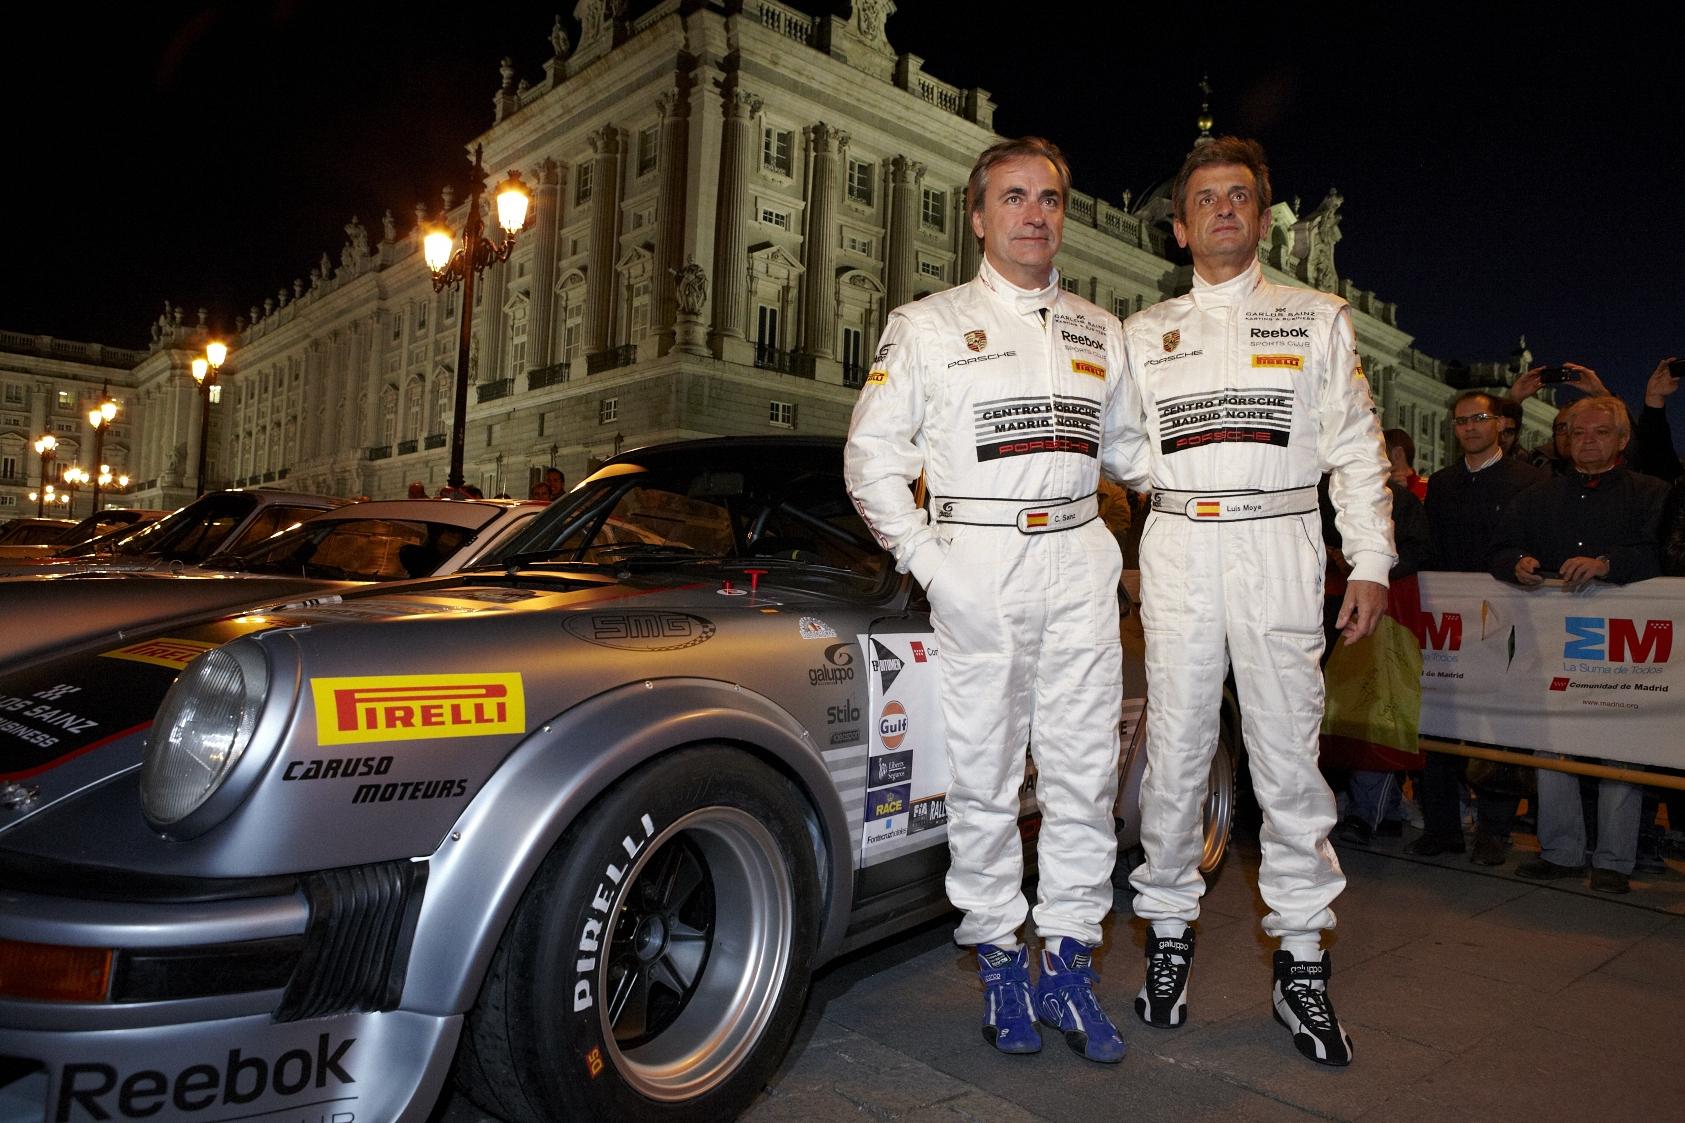 Carlos Sainz correrá con un Porsche 911 en el Rallye de España Histórico puntuable para el Campeonato de Europa